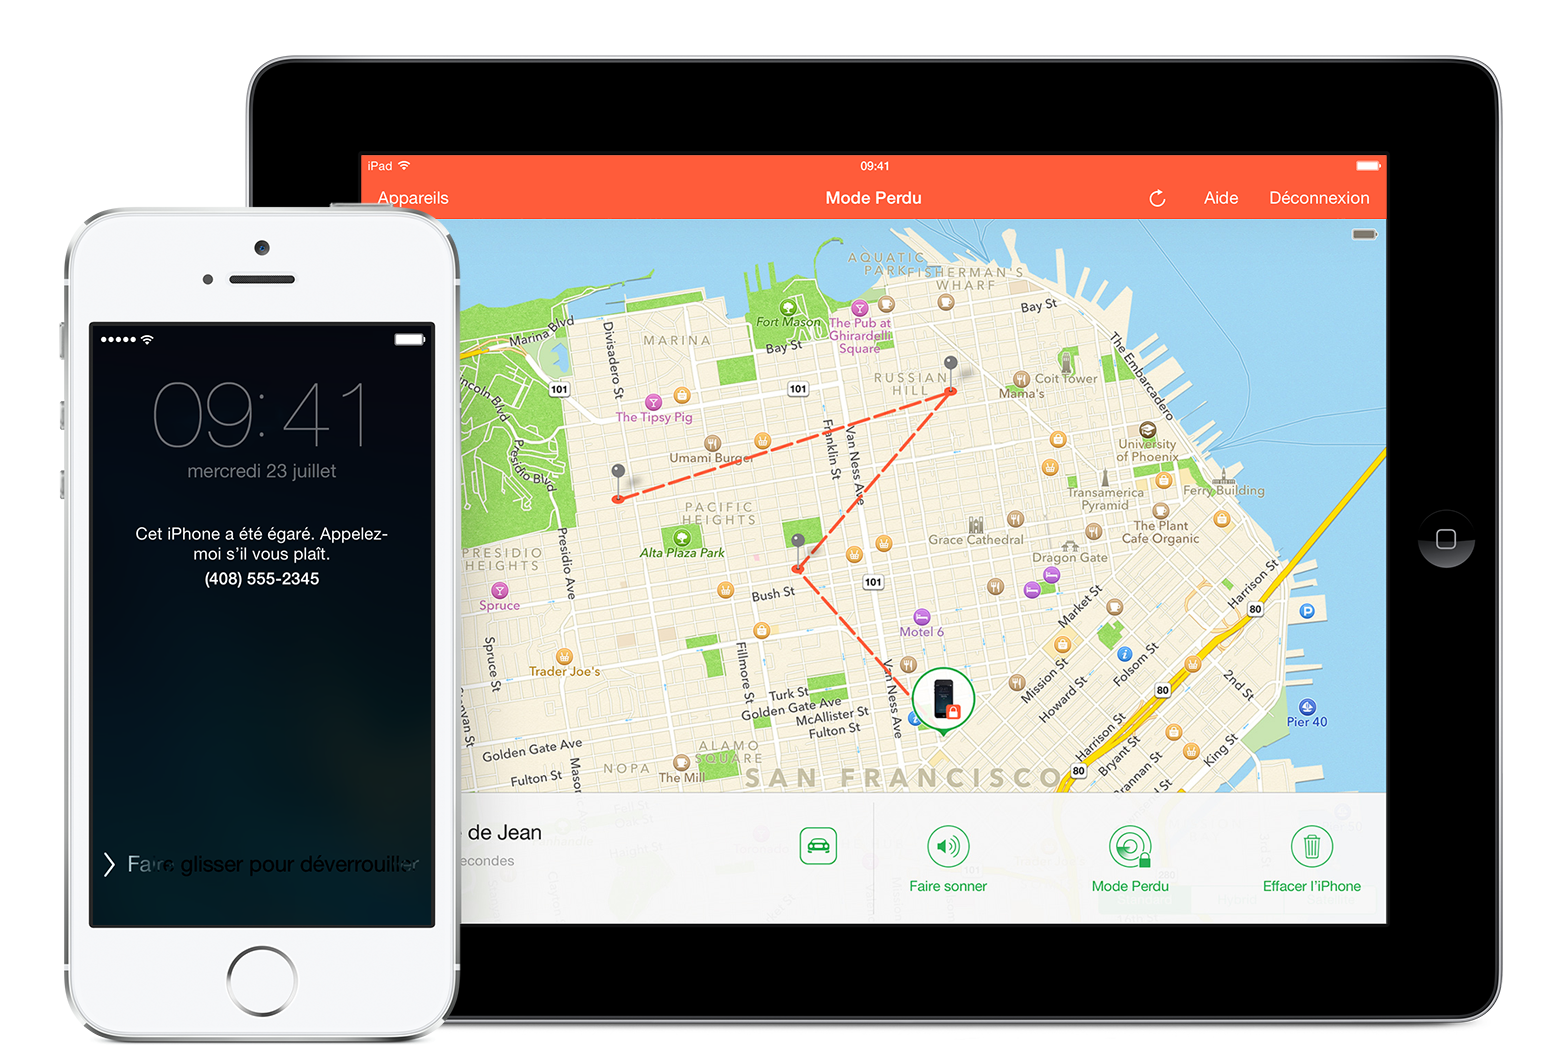 comment localiser un ipod touch perdu